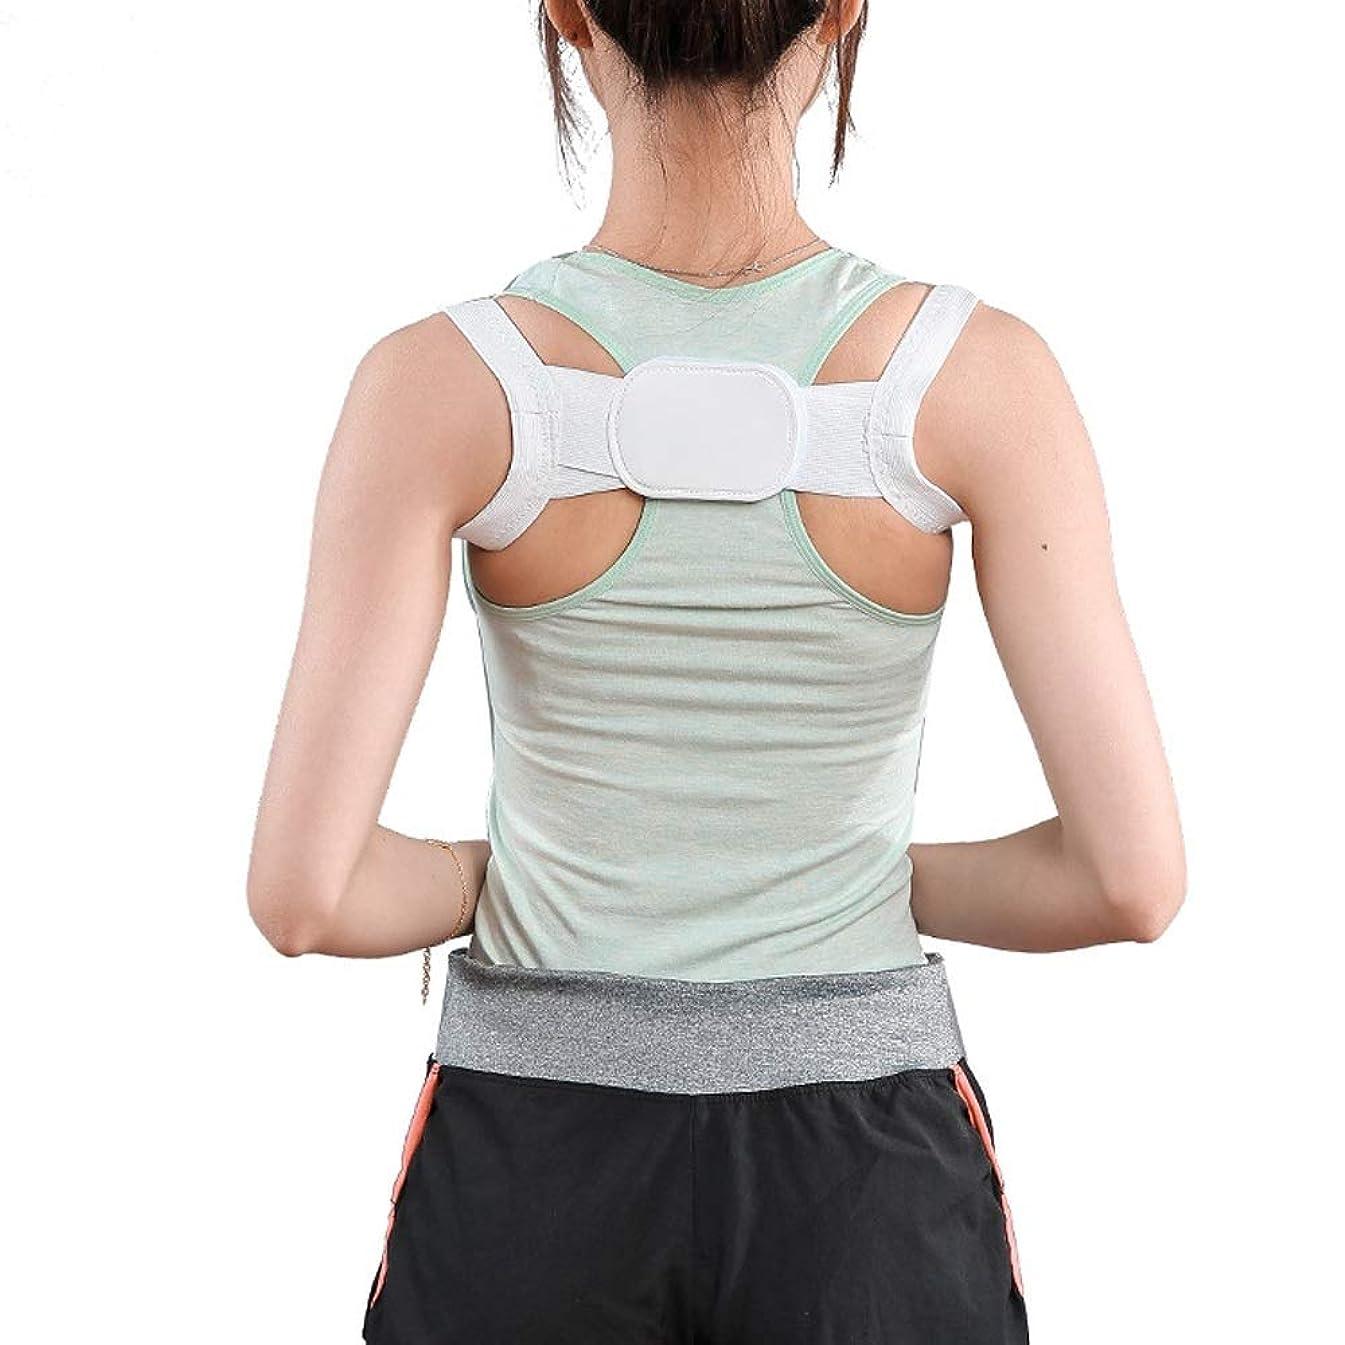 リンケージクロニクル現代のMILUCE 痛みReliefiためBACK BRACE POSTURE CORRECTORショルダーサポートトレーナーはせむし男群集のための姿勢を改善します (Color : White, Size : S)